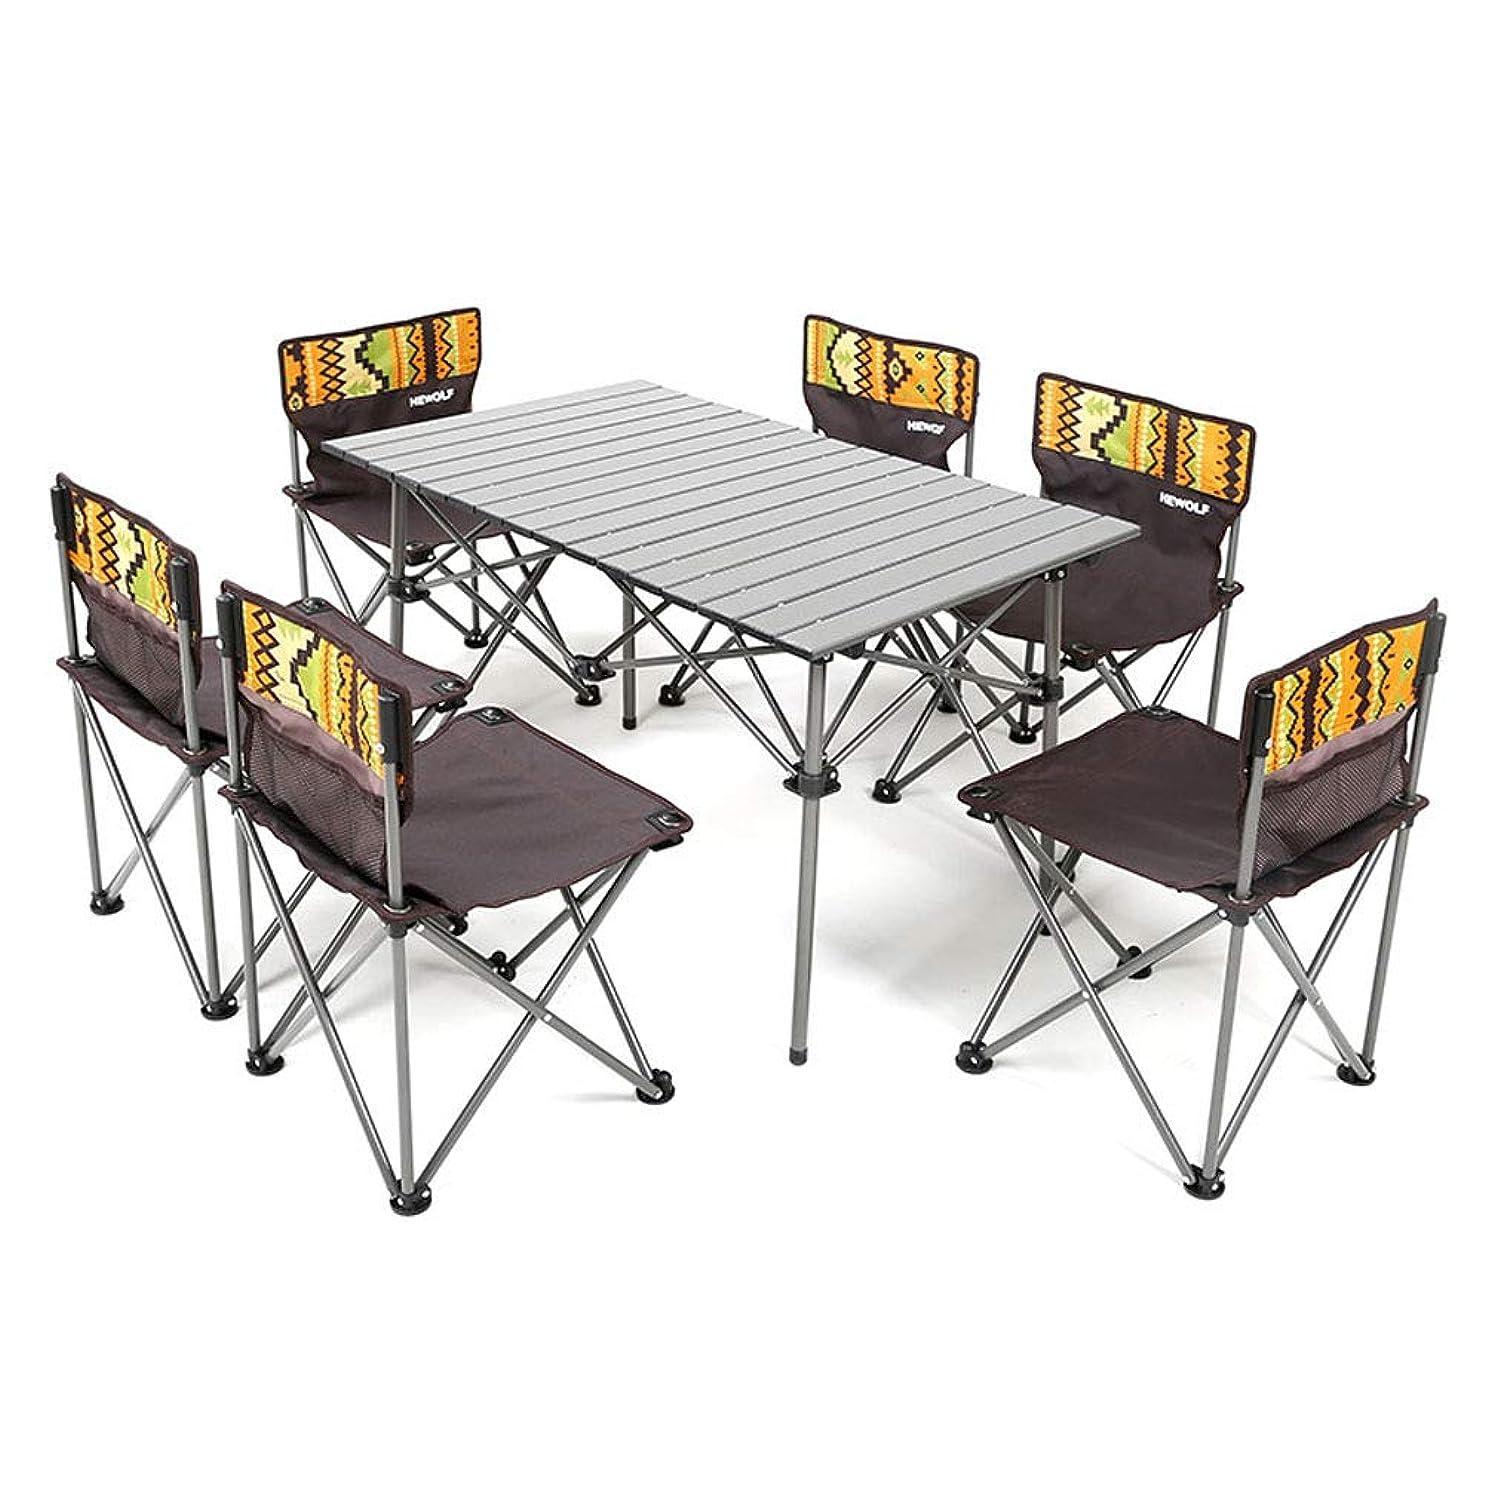 玉バスト科学的折り畳み テーブル チェア 6脚セット ピクニックテーブル アルミテーブル 組立簡単 軽量 持ち運び便利 背もたれ付き 収納袋付き キャンプ アウトドア